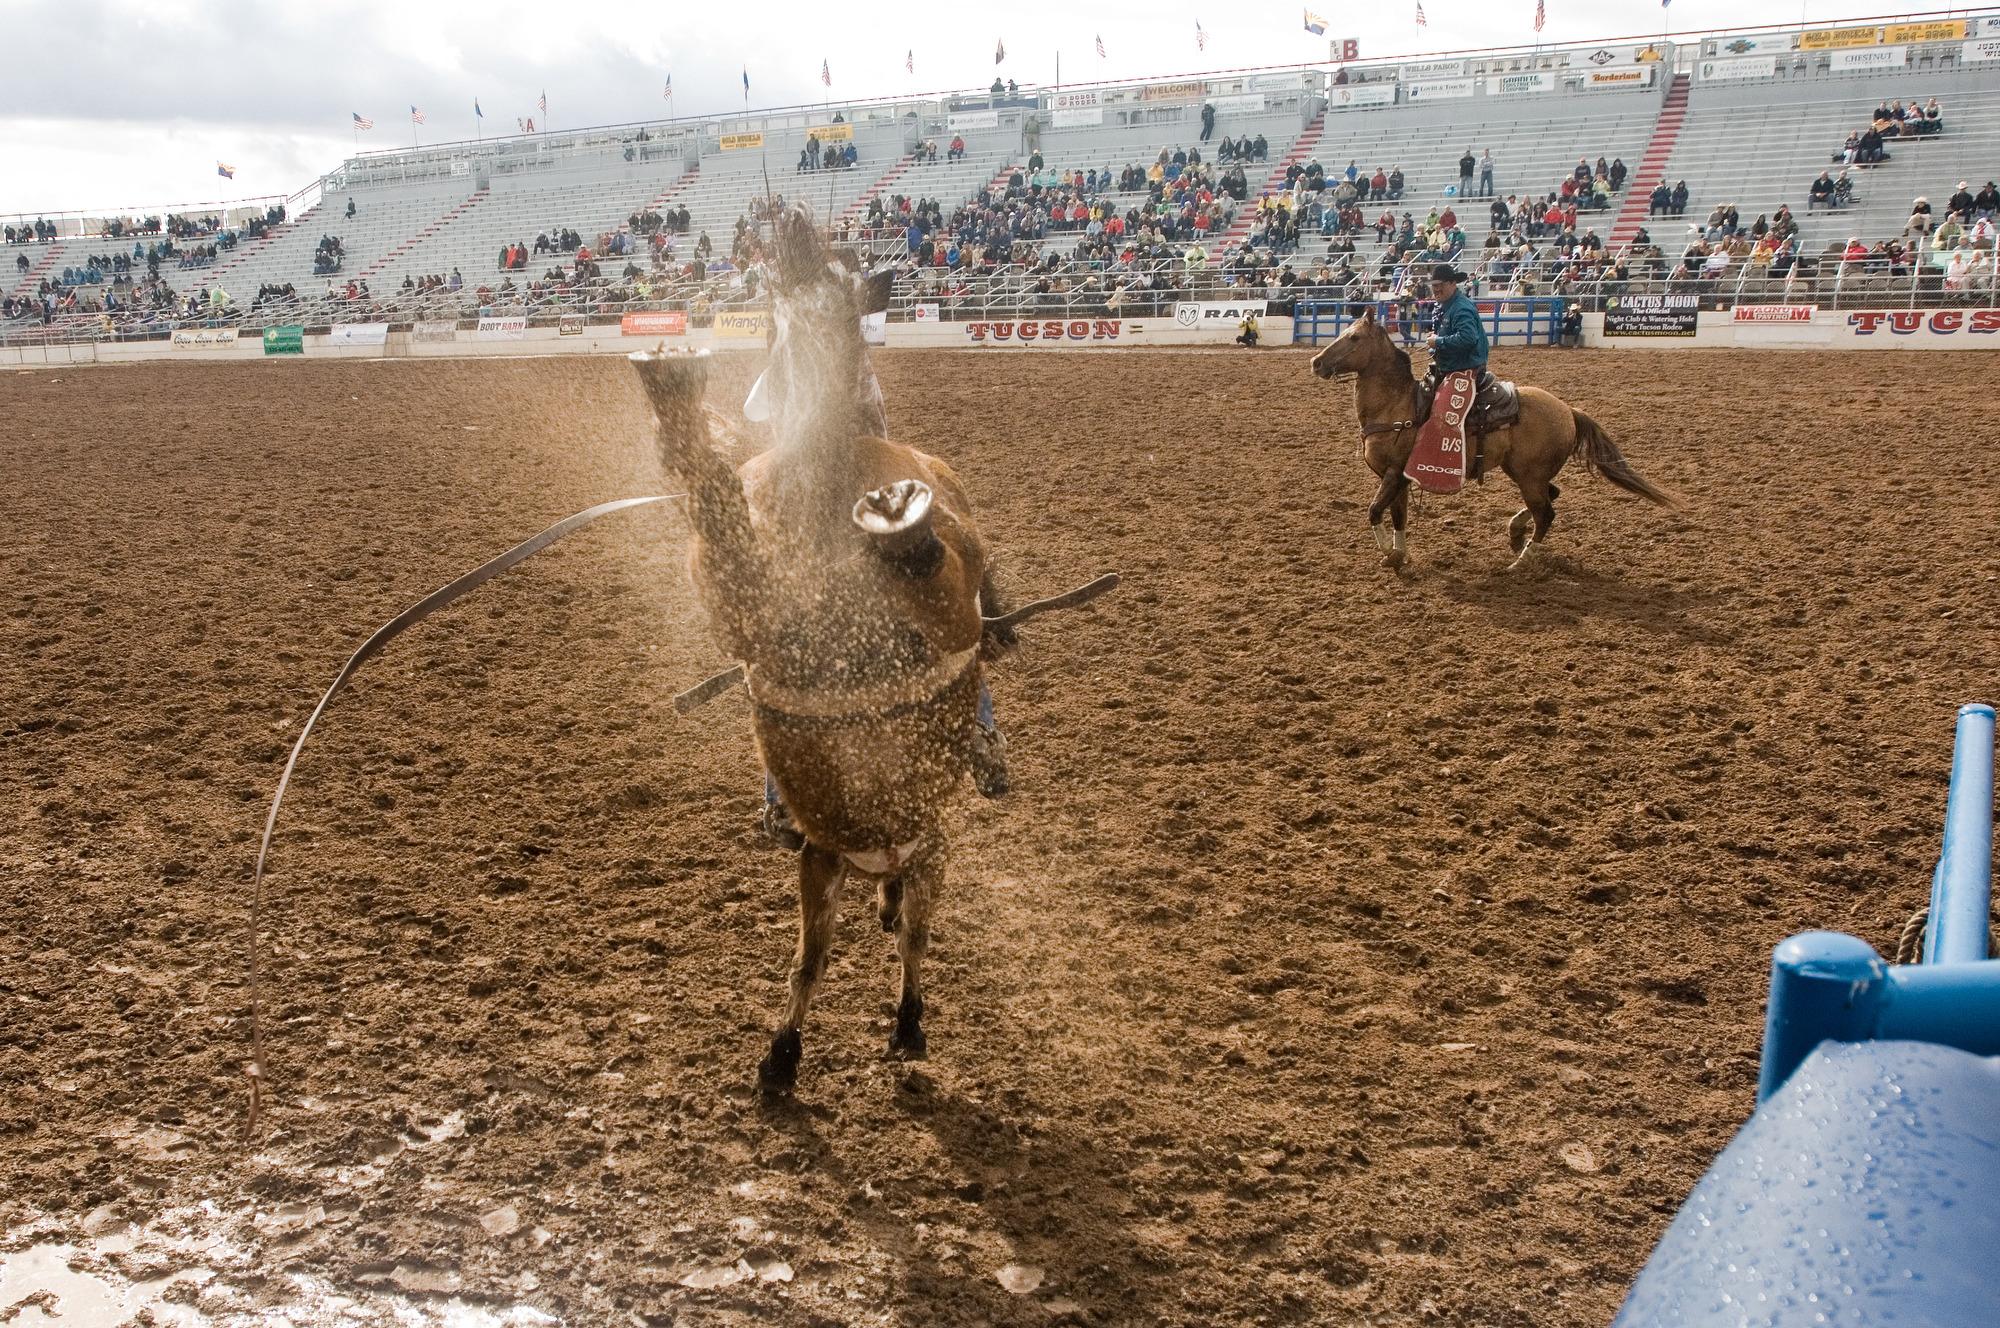 Rodeo Photo Roundup 2010 La Fiesta De Los Vaqueros